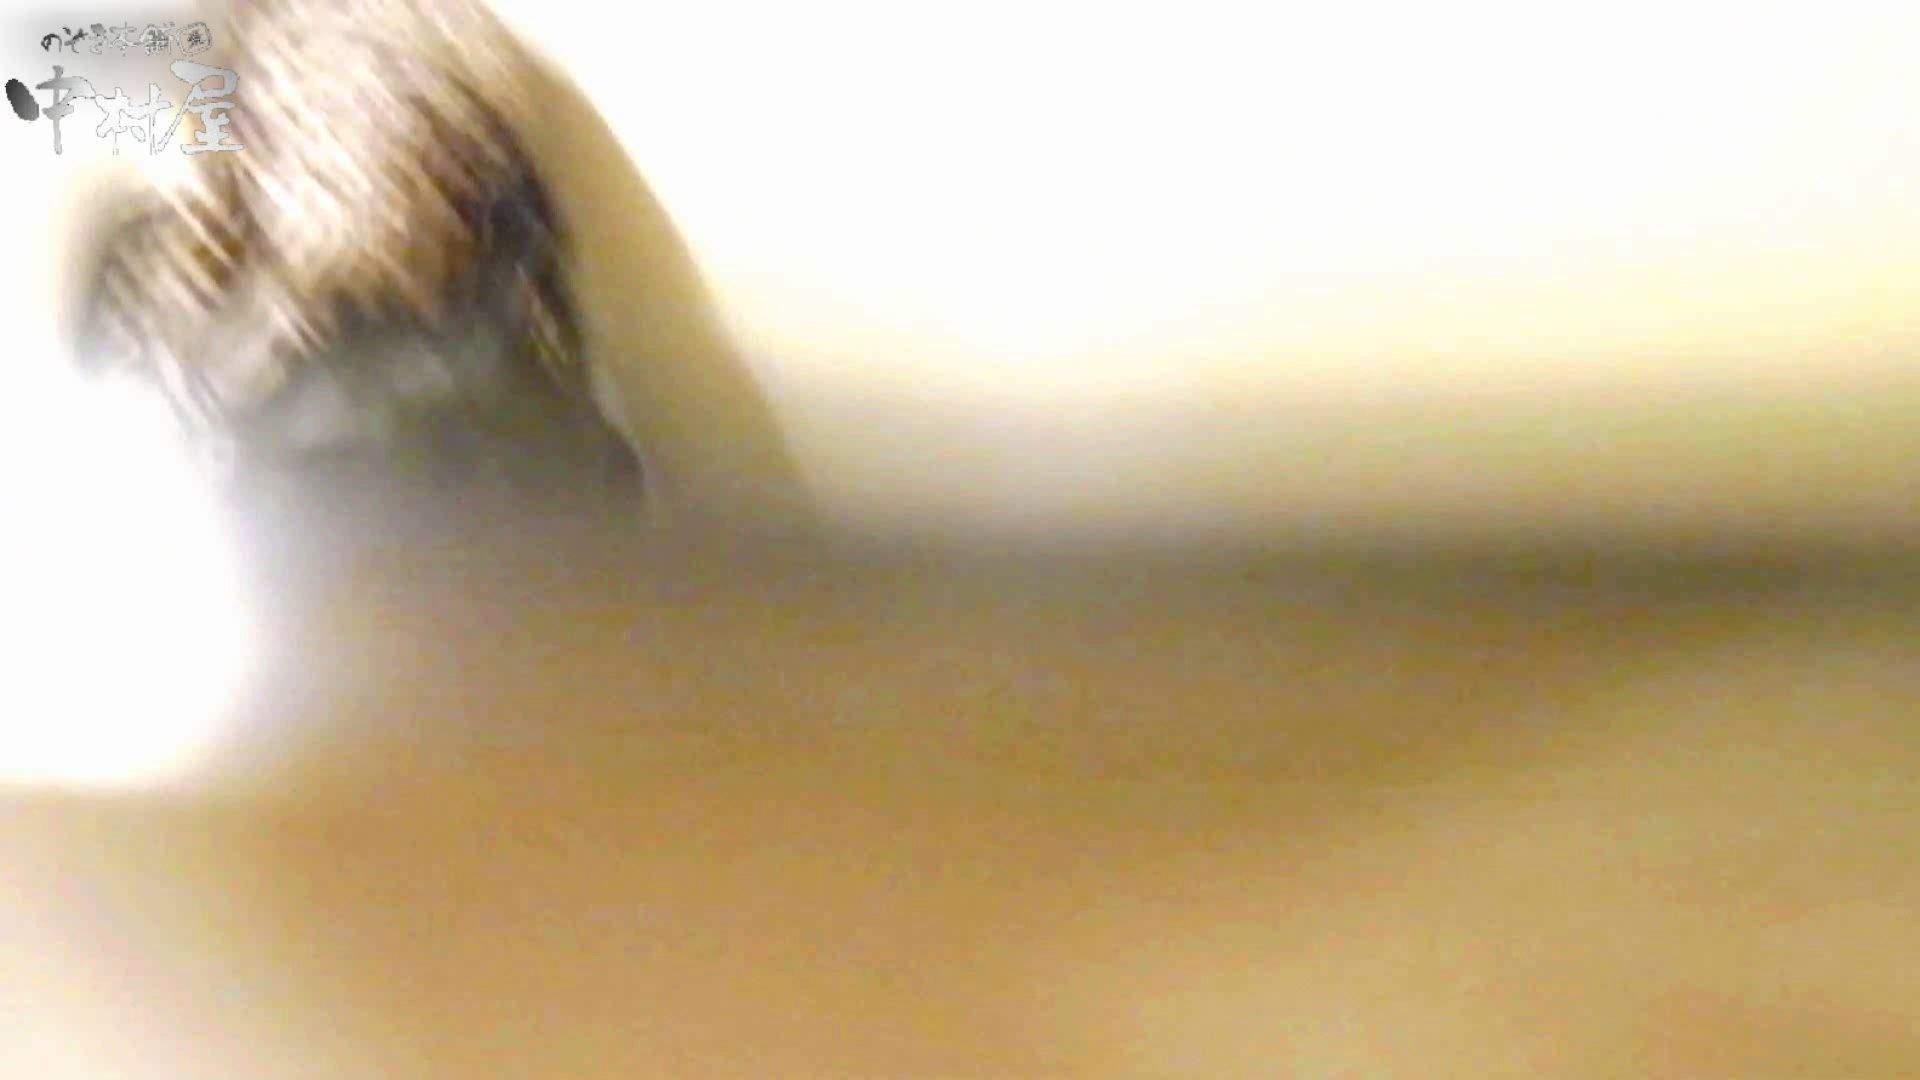 新世界の射窓 No70 世界の窓70 八頭身美女のエロい中腰 洗面所   0  52連発 34